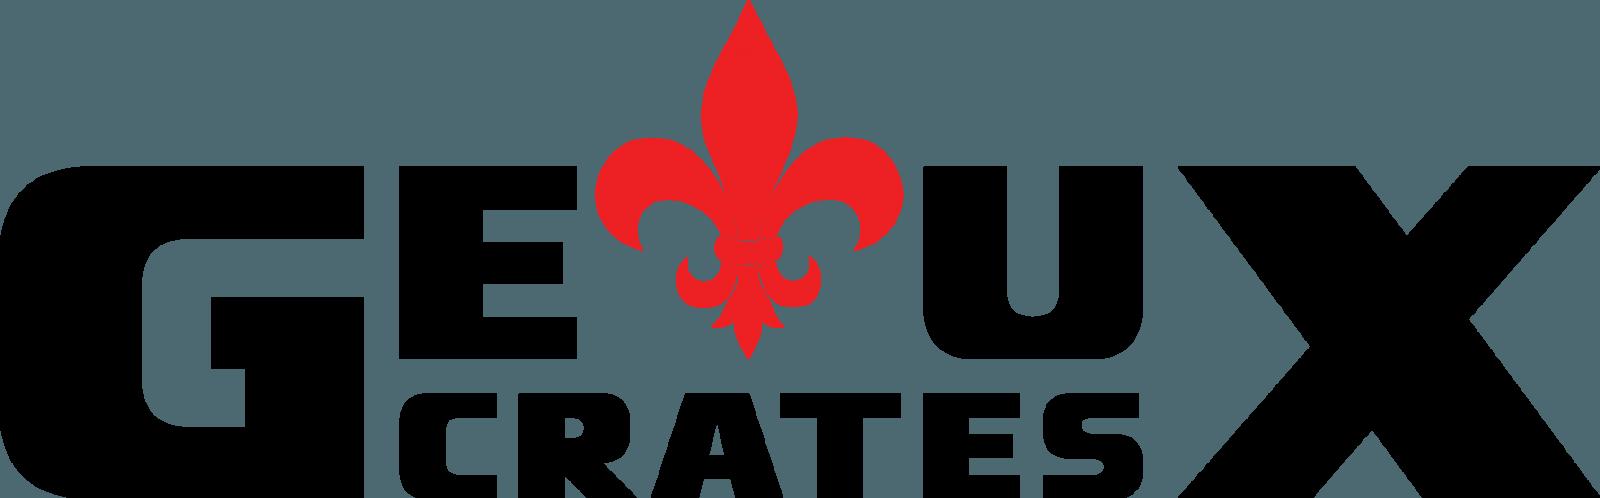 Geaux Crates